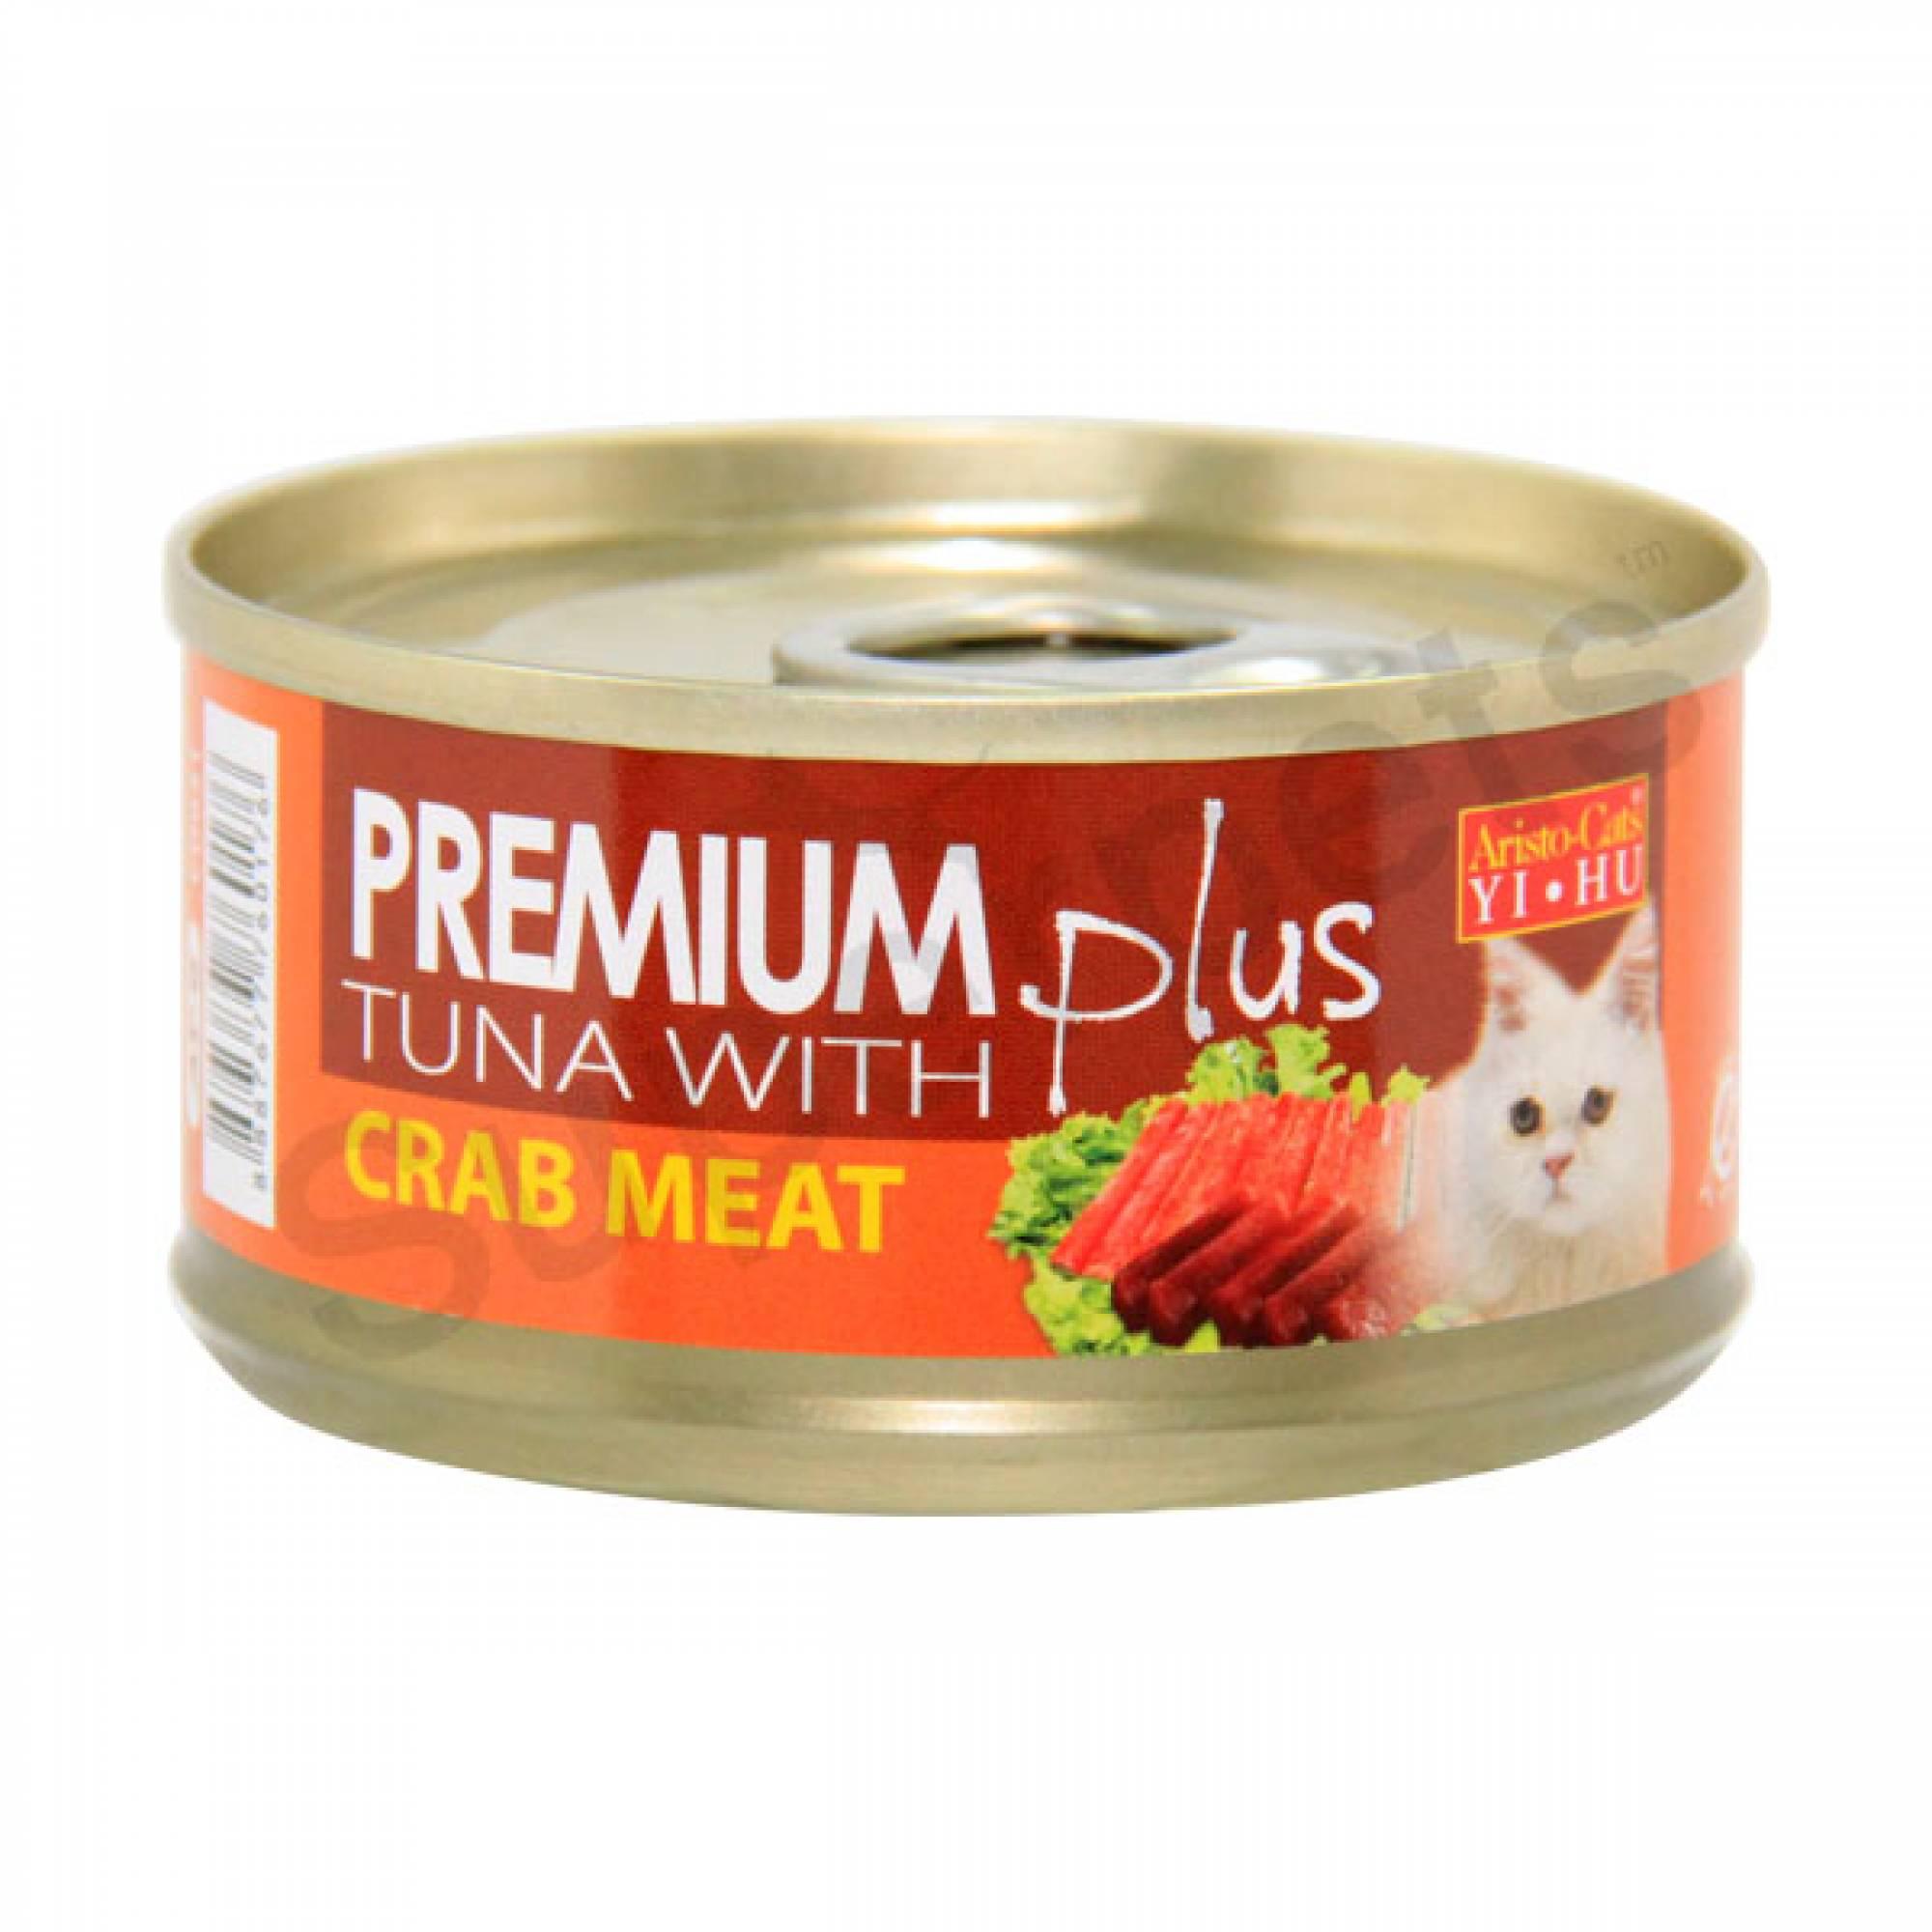 Aristo-Cats - Premium Plus - Tuna with Crab Meat 80g x 24pcs (1 carton)